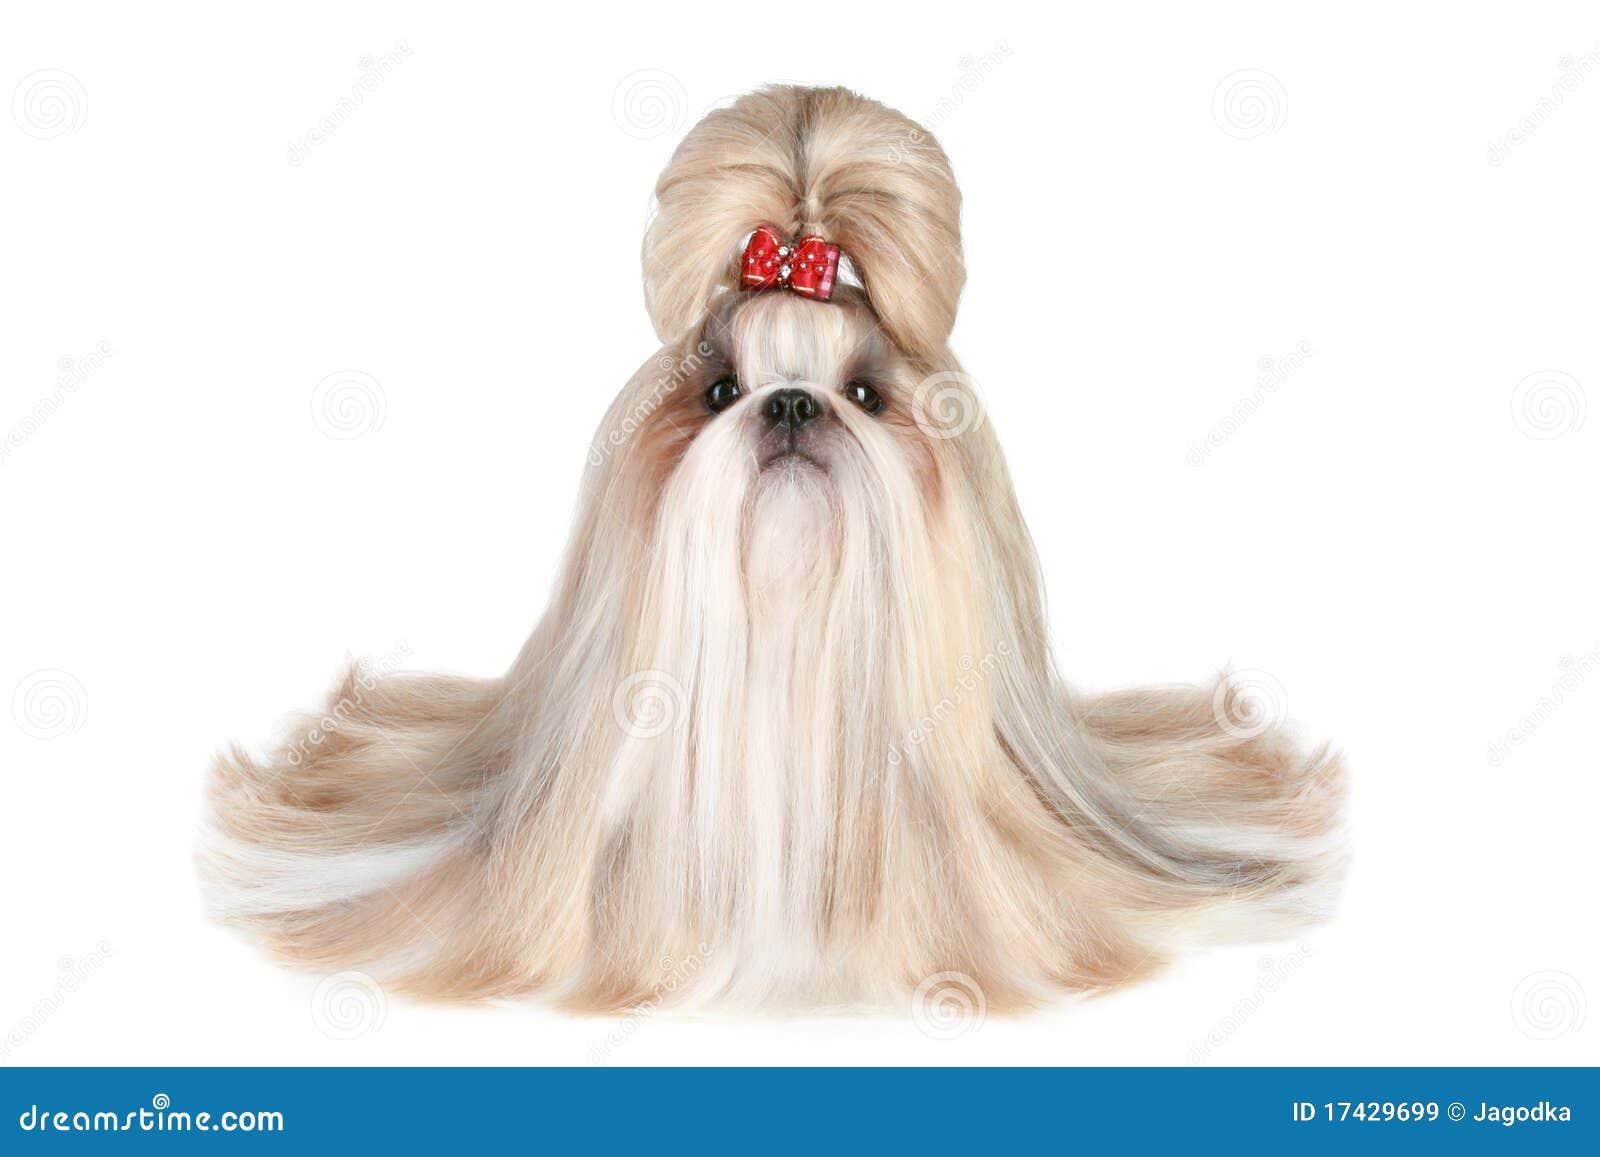 Imagens de Stock Royalty Free: Cão do shih-tzu da raça